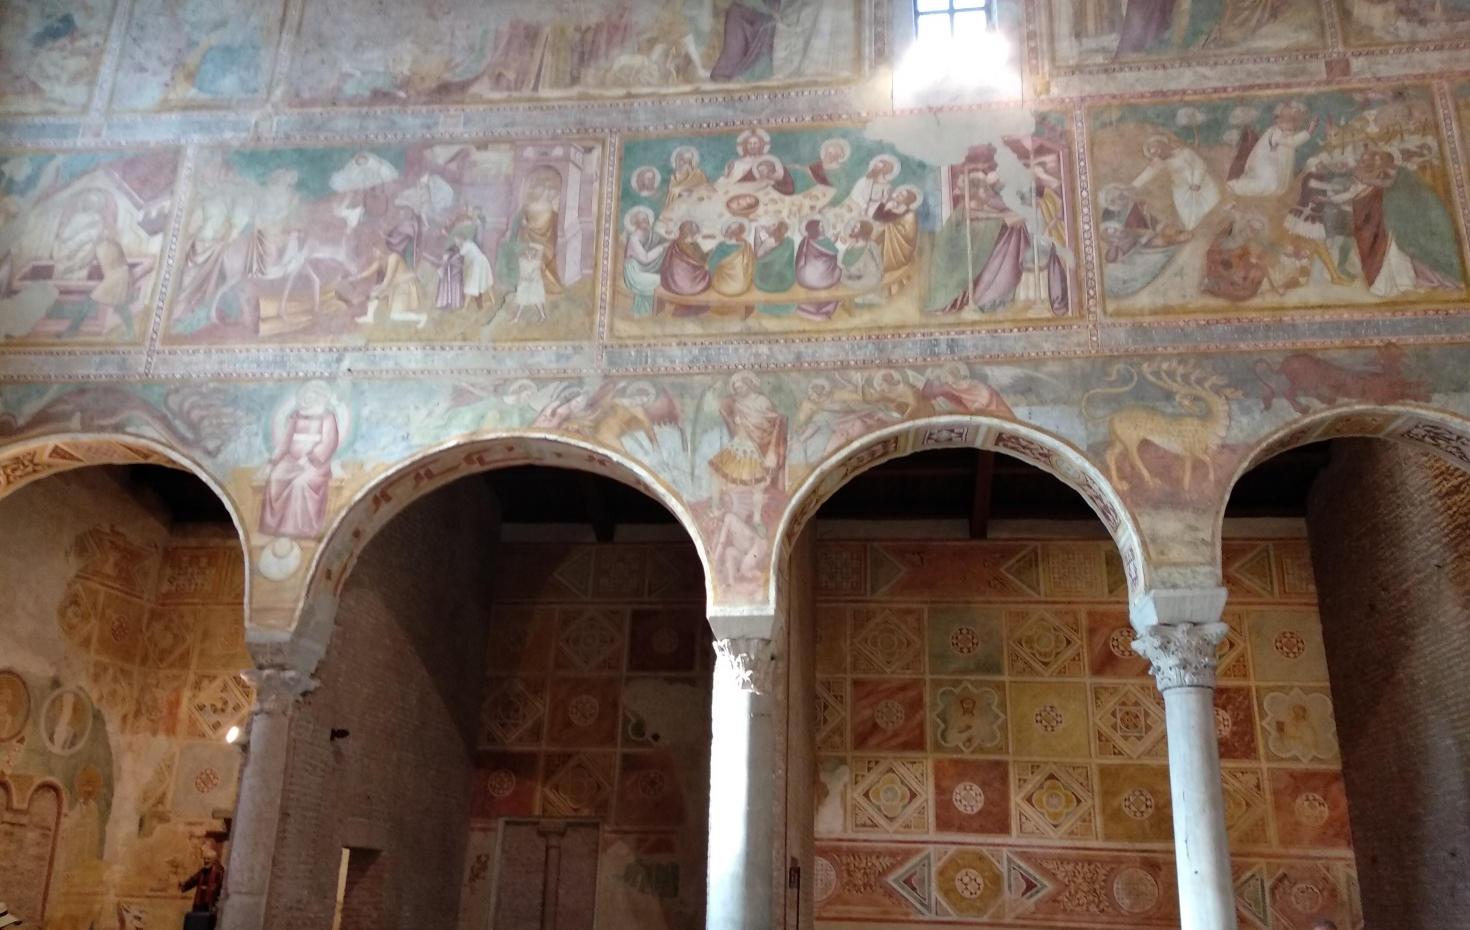 Abbazia di Viboldone - Particolare degli affreschi